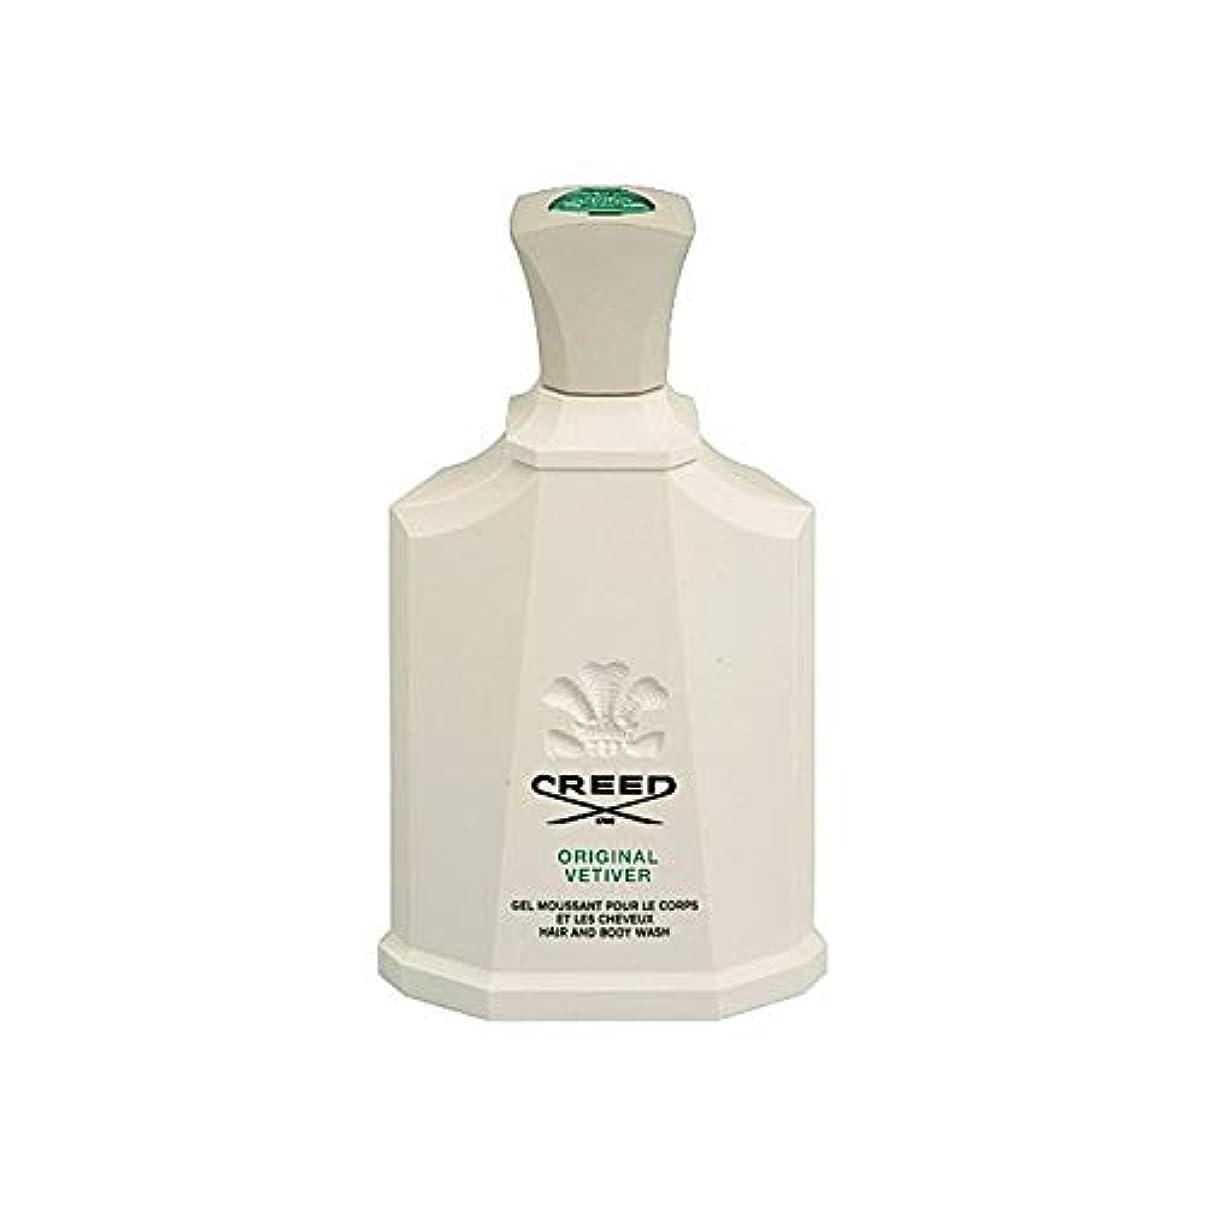 同化する回復するアブストラクト[Creed ] 信条オリジナルベチバーボディウォッシュ200ミリリットル - Creed Original Vetiver Body Wash 200ml [並行輸入品]